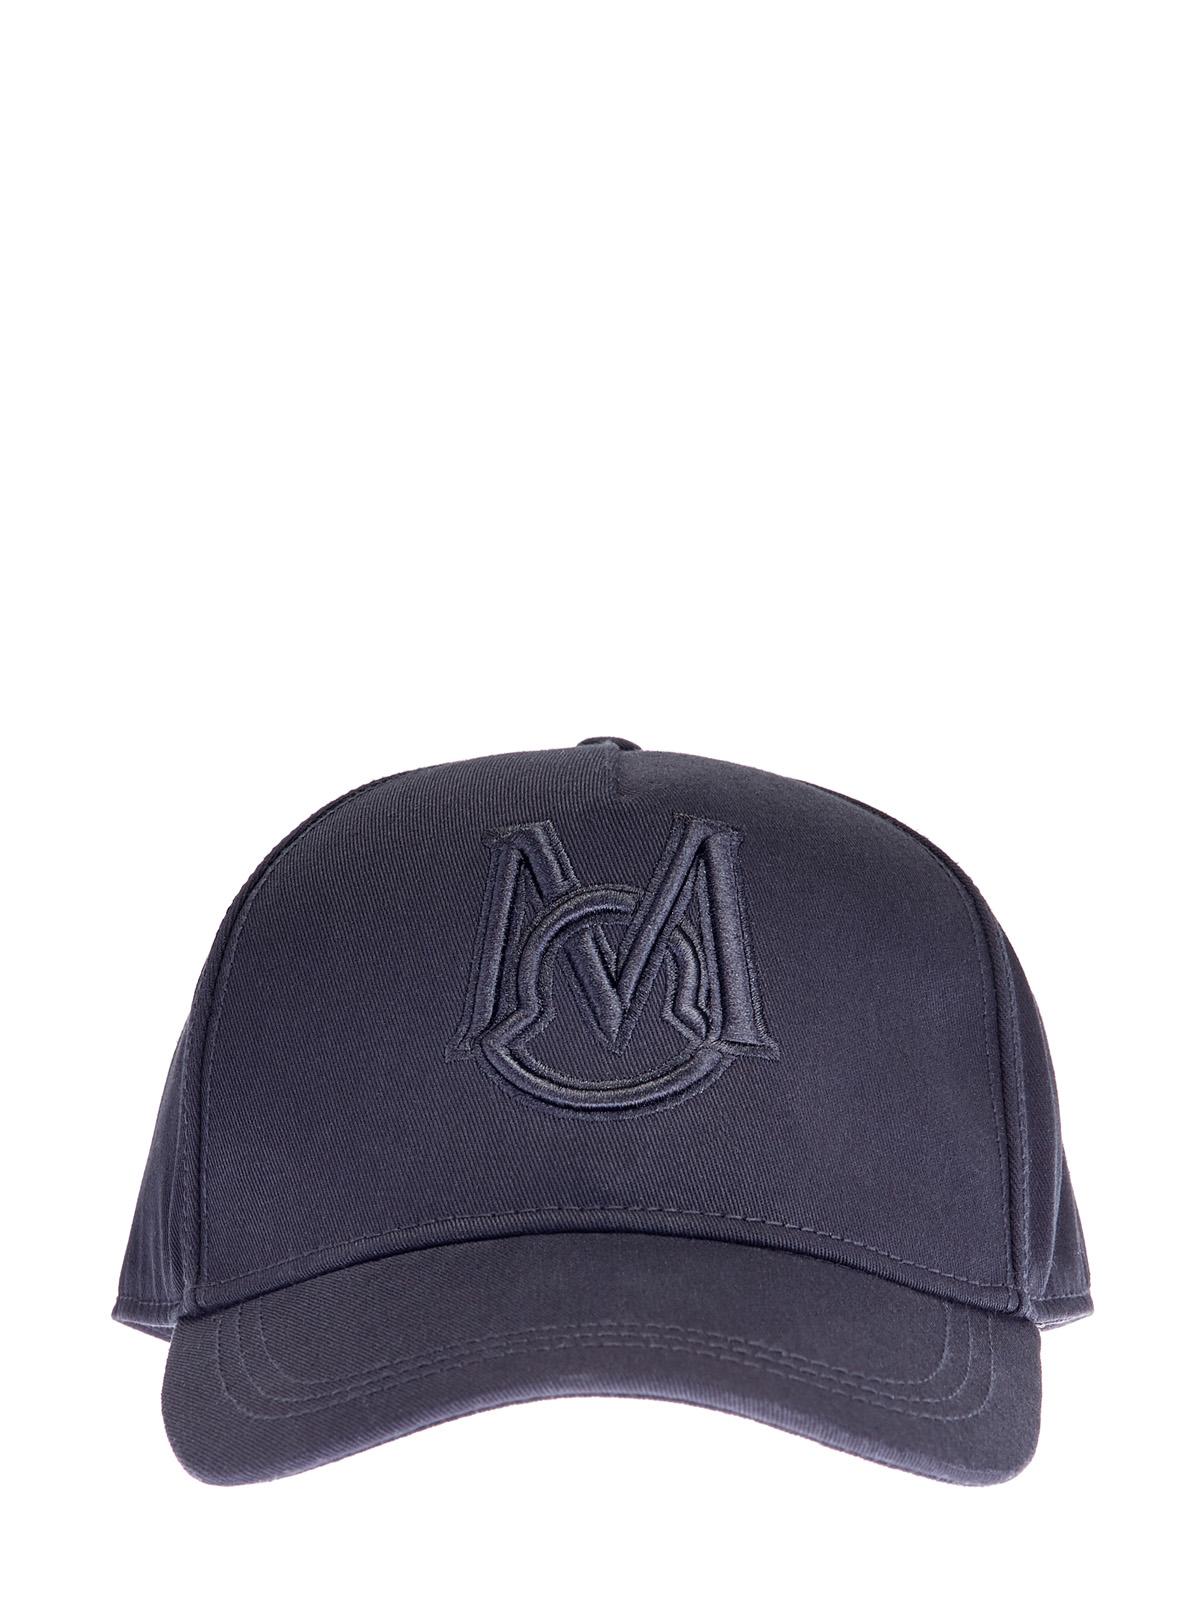 Бейсболка из хлопкового габардина с вышитым логотипом